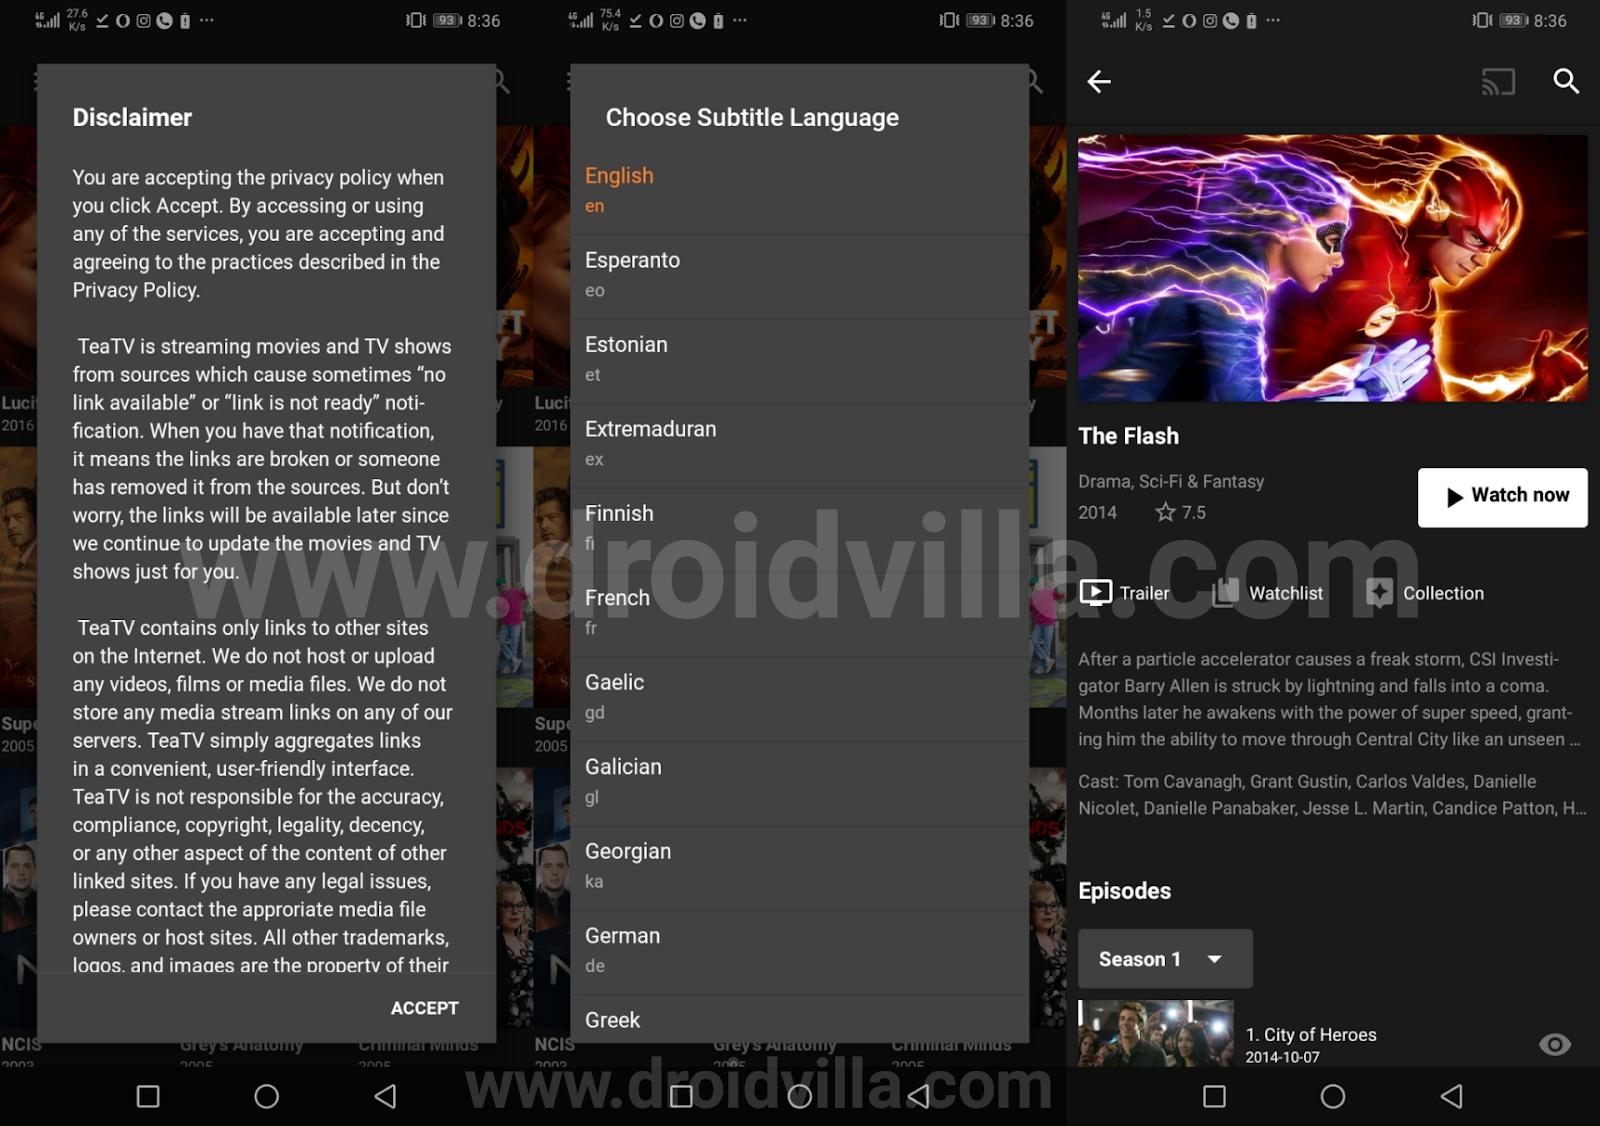 Nutflix V7.69.0 apk mod app